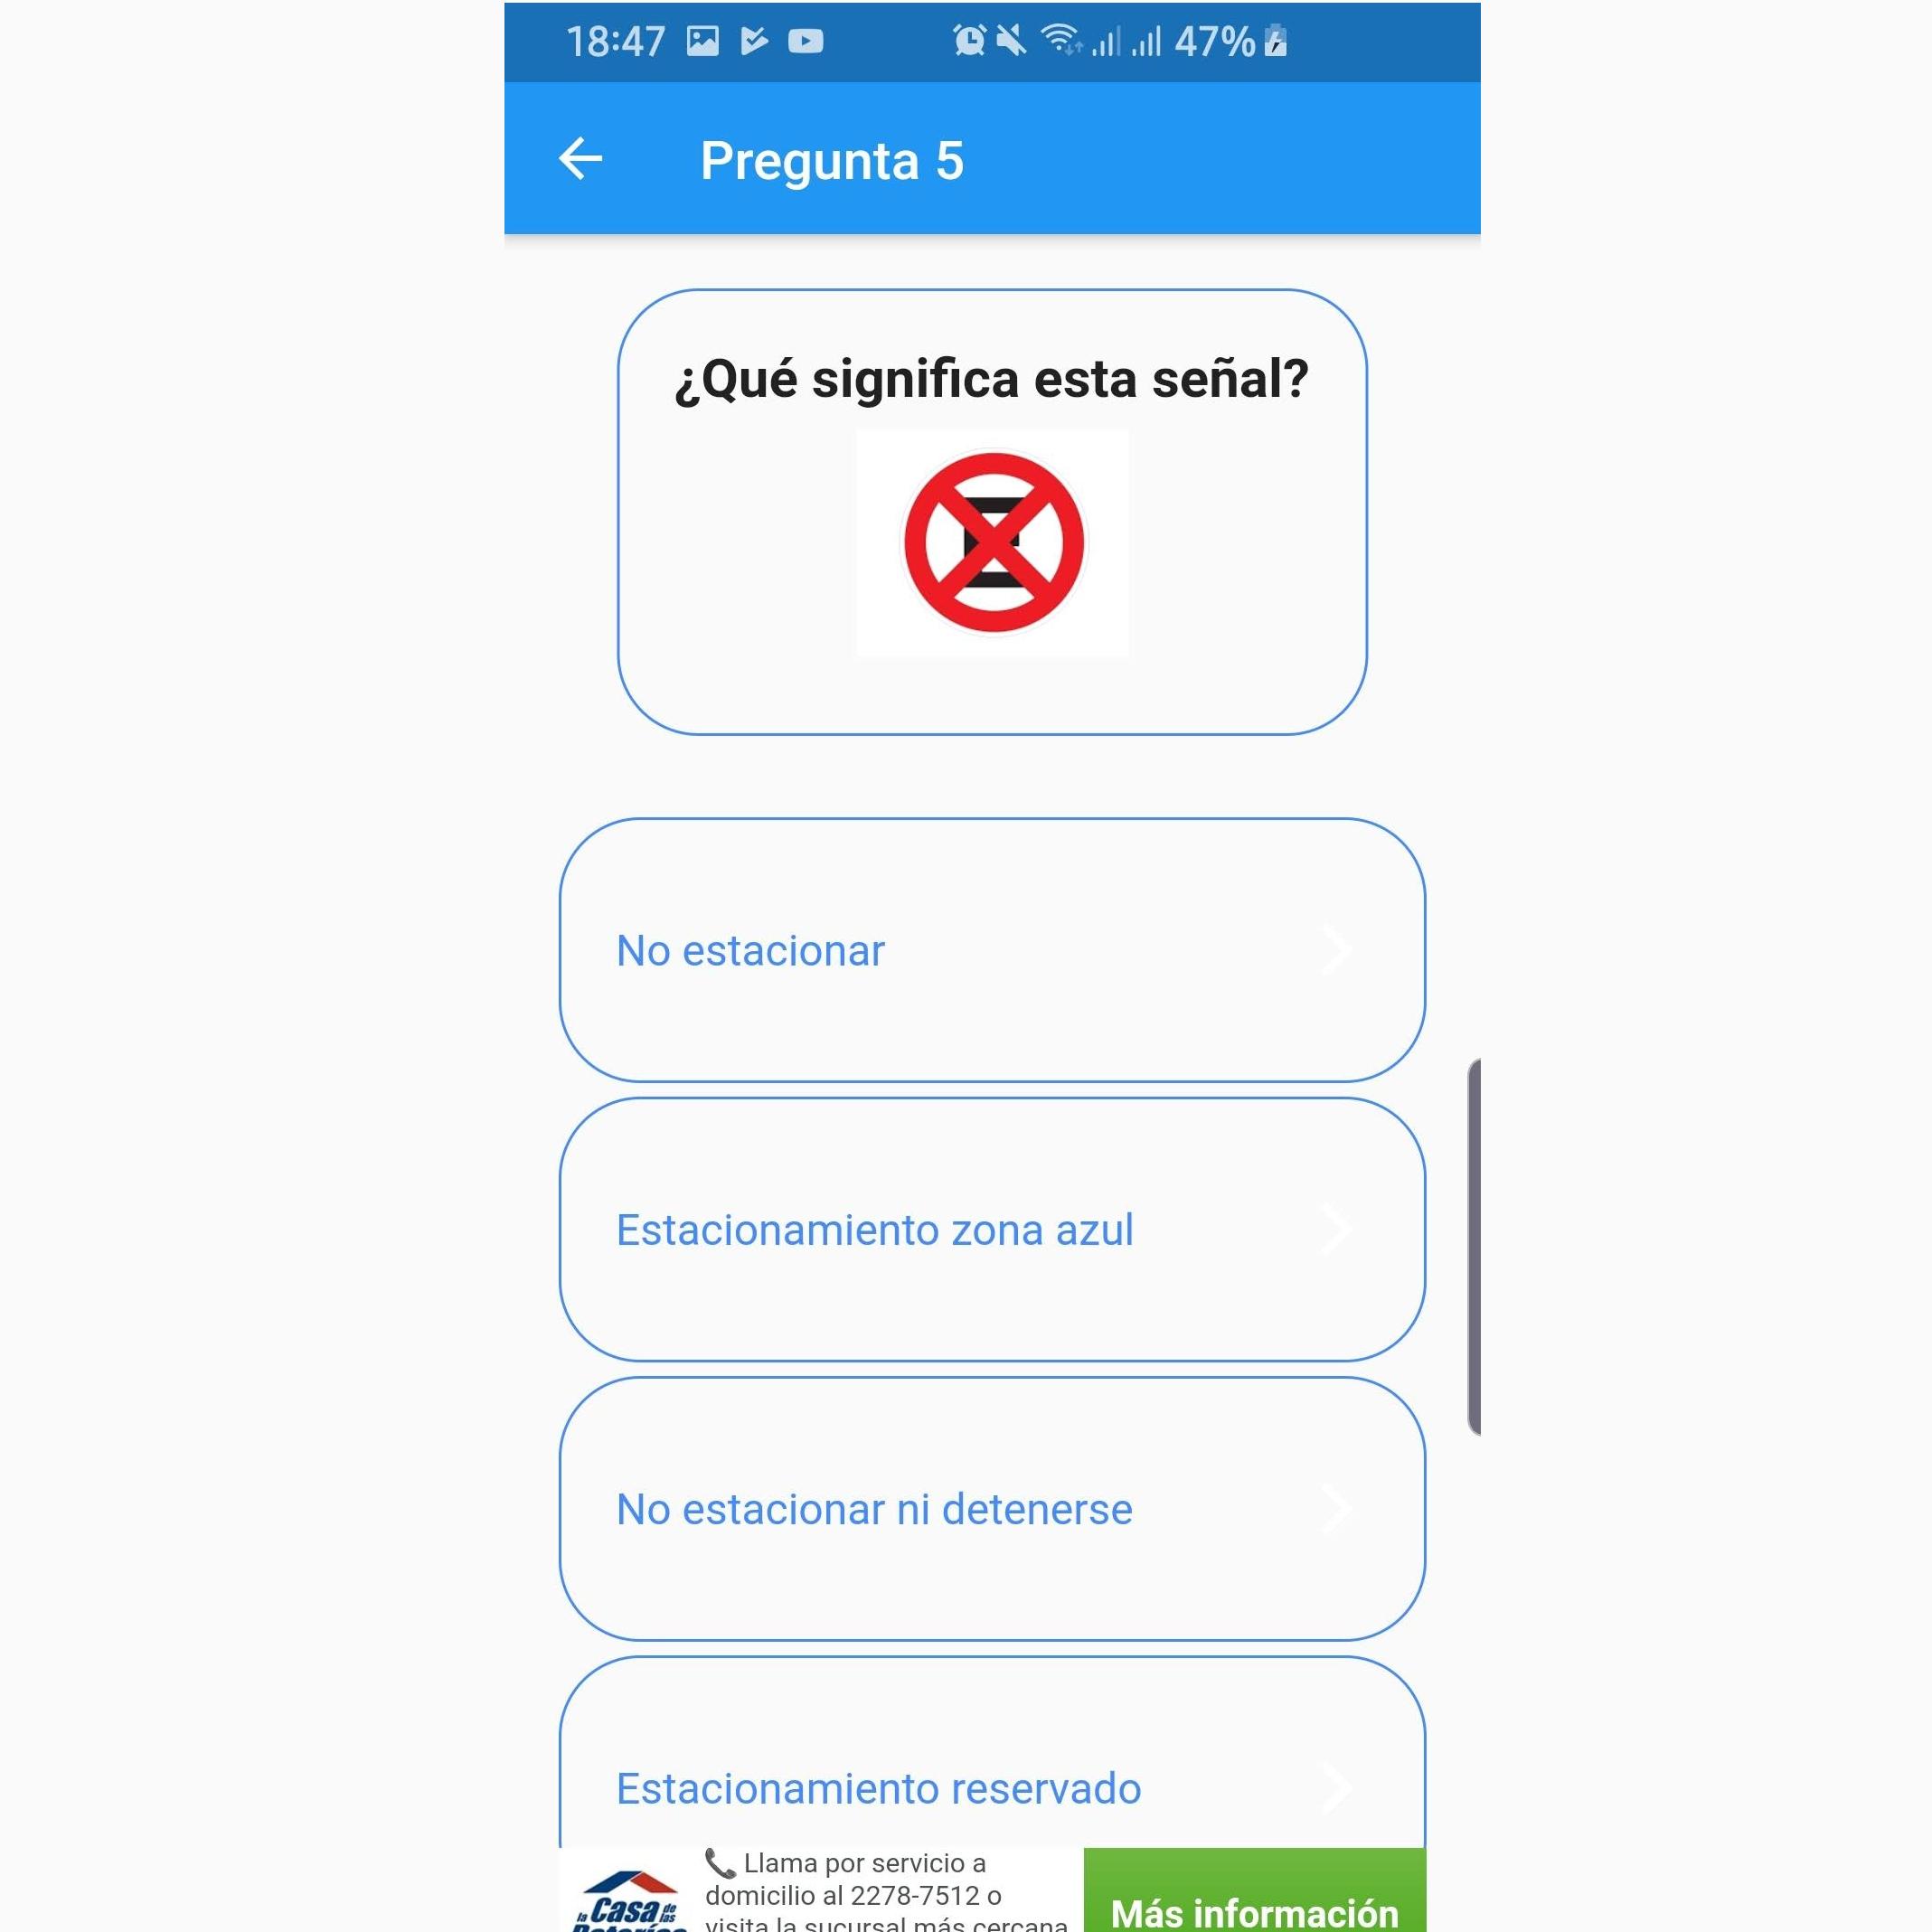 Preguntas Examen De Conducir Teorico Para Licencia De Conducir Uruguay 2021 Examen De Conducir Gratis